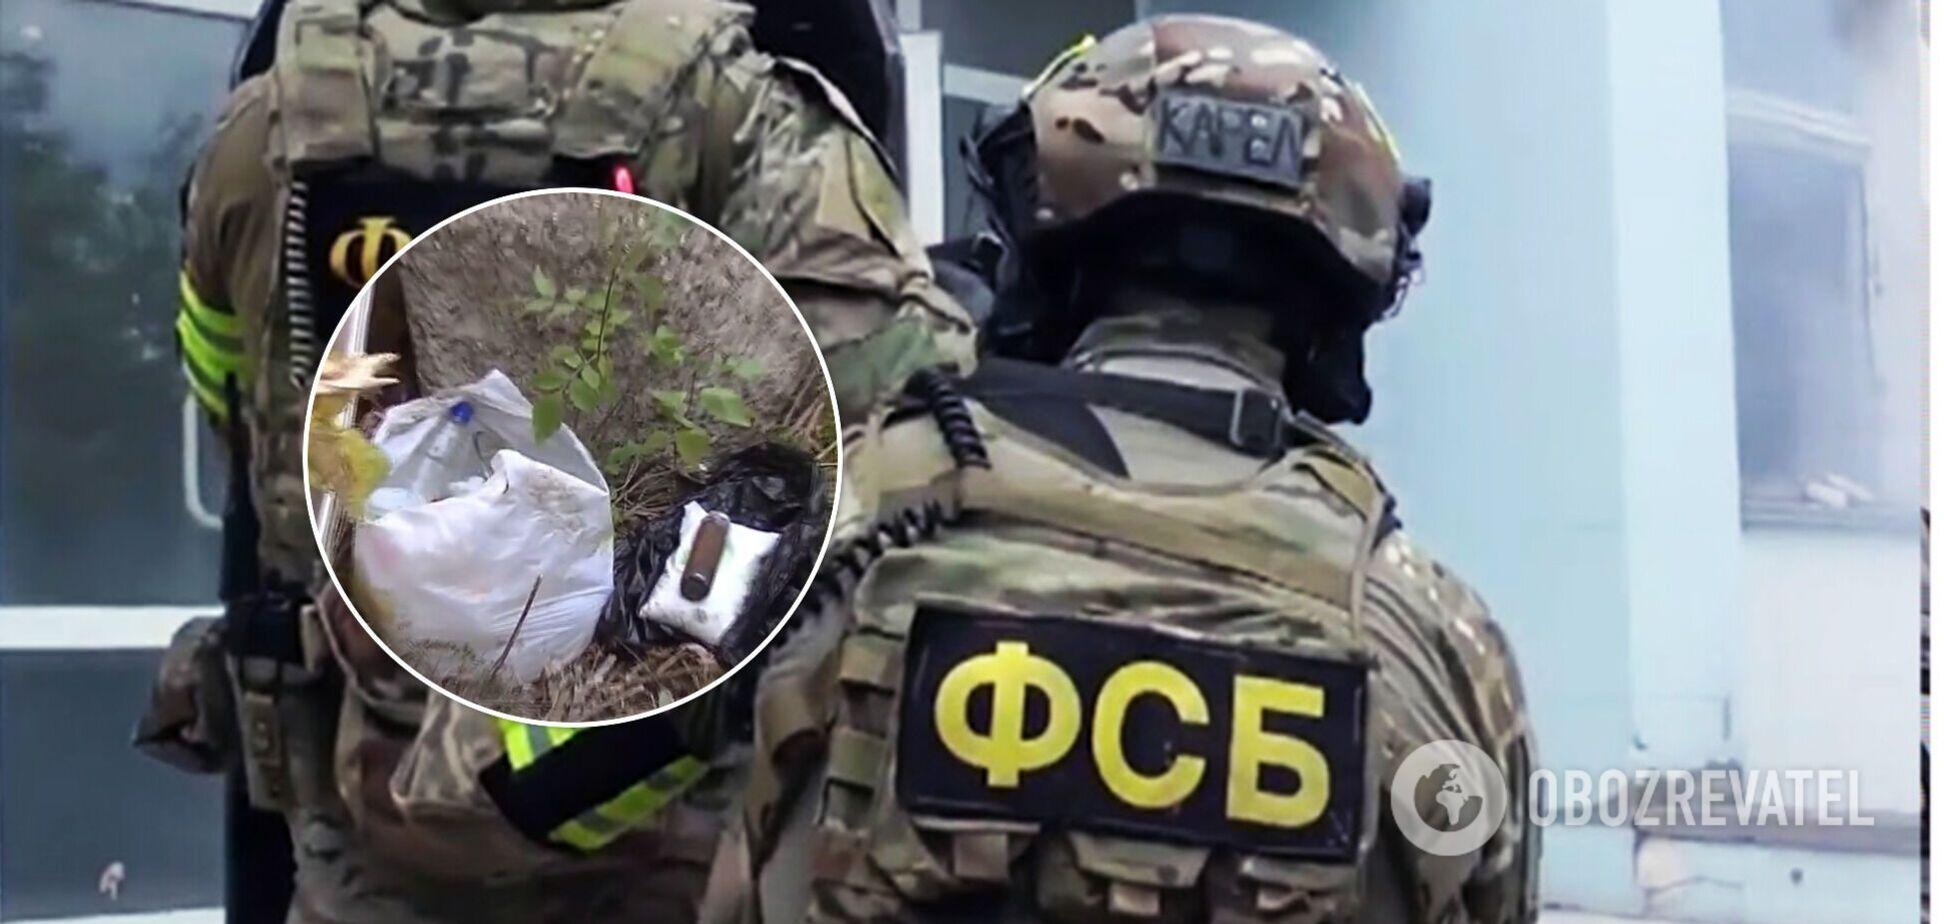 В России заявили о предотвращении теракта: у участников группировки якобы нашли бомбу и портрет Бандеры. Видео